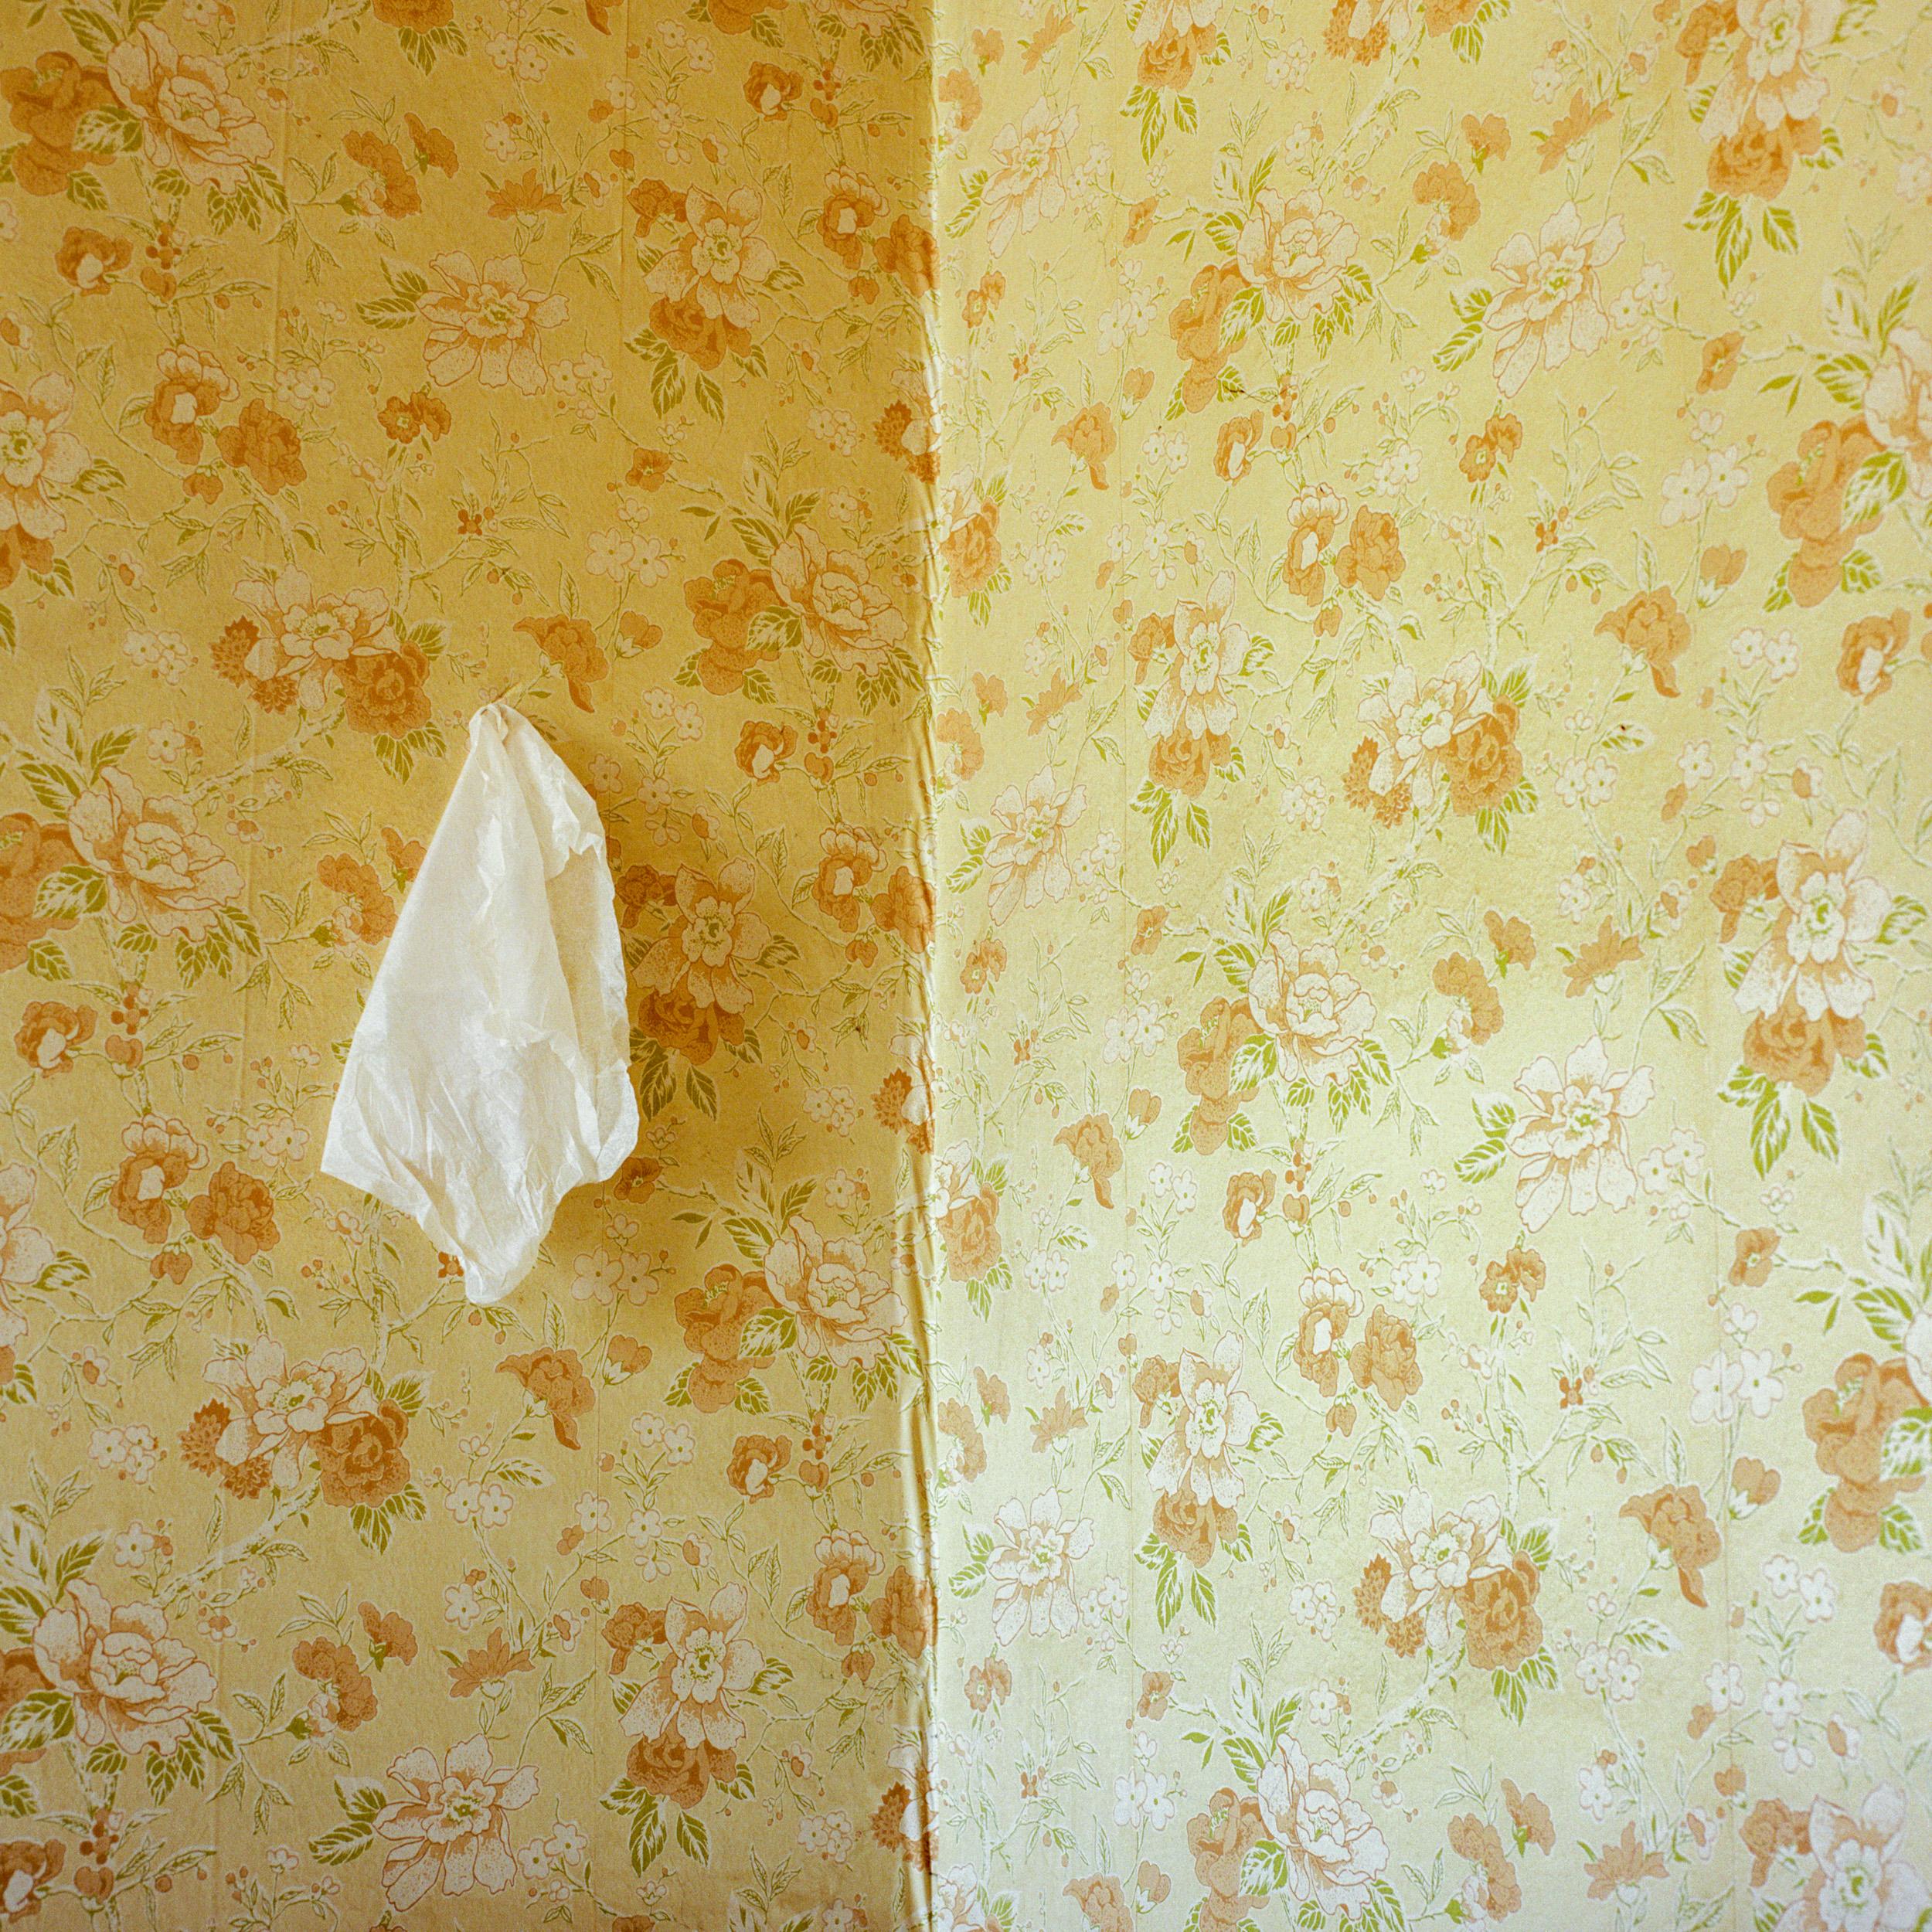 Interior #4, Amsterdam, NY, 2009